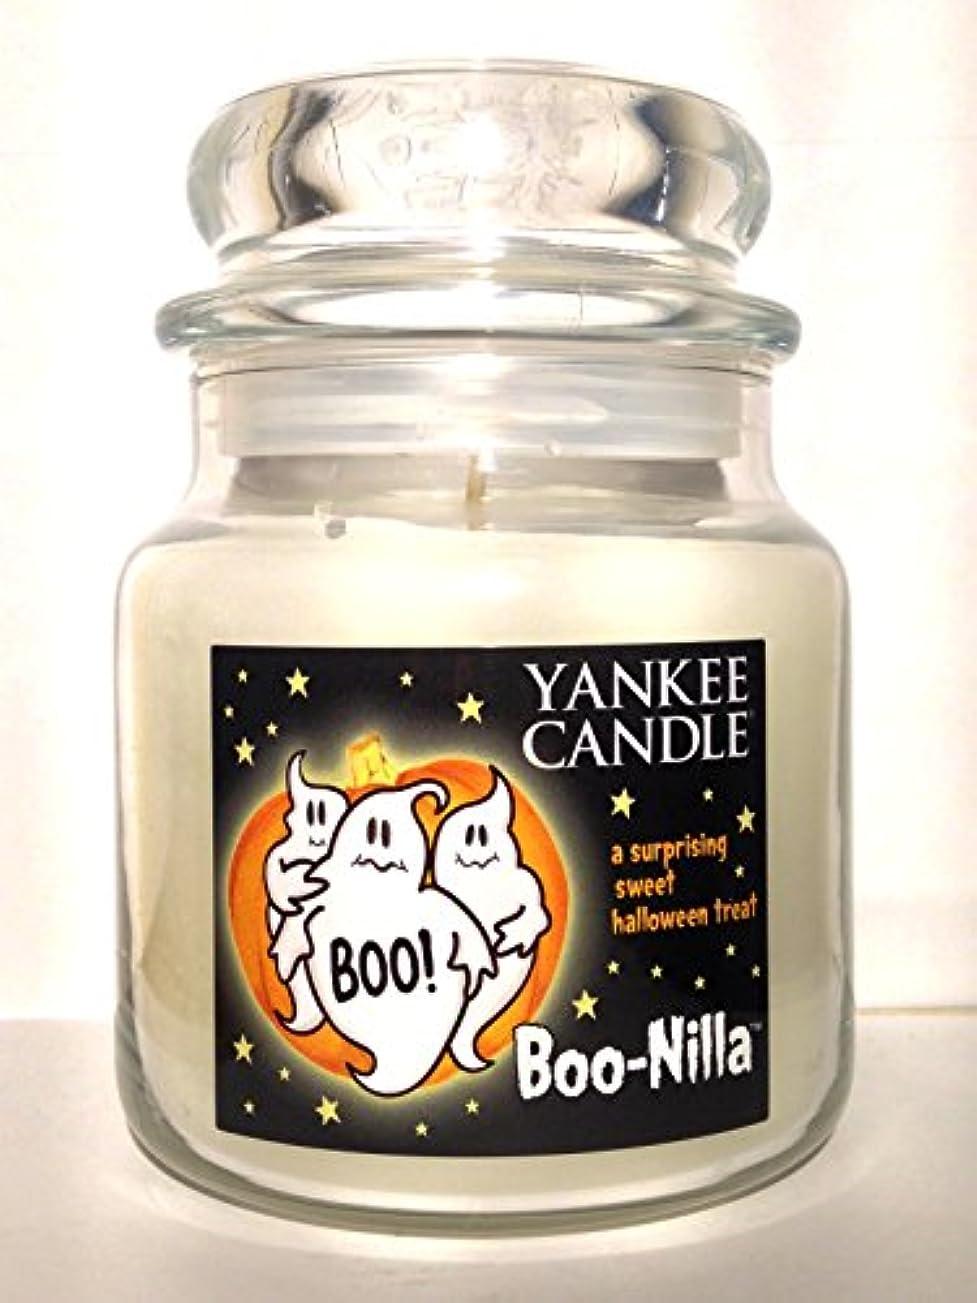 反応する爆発しみYankee Candle boo-nilla Boonilla Vanilla Marshmallow香りHalloween Candle